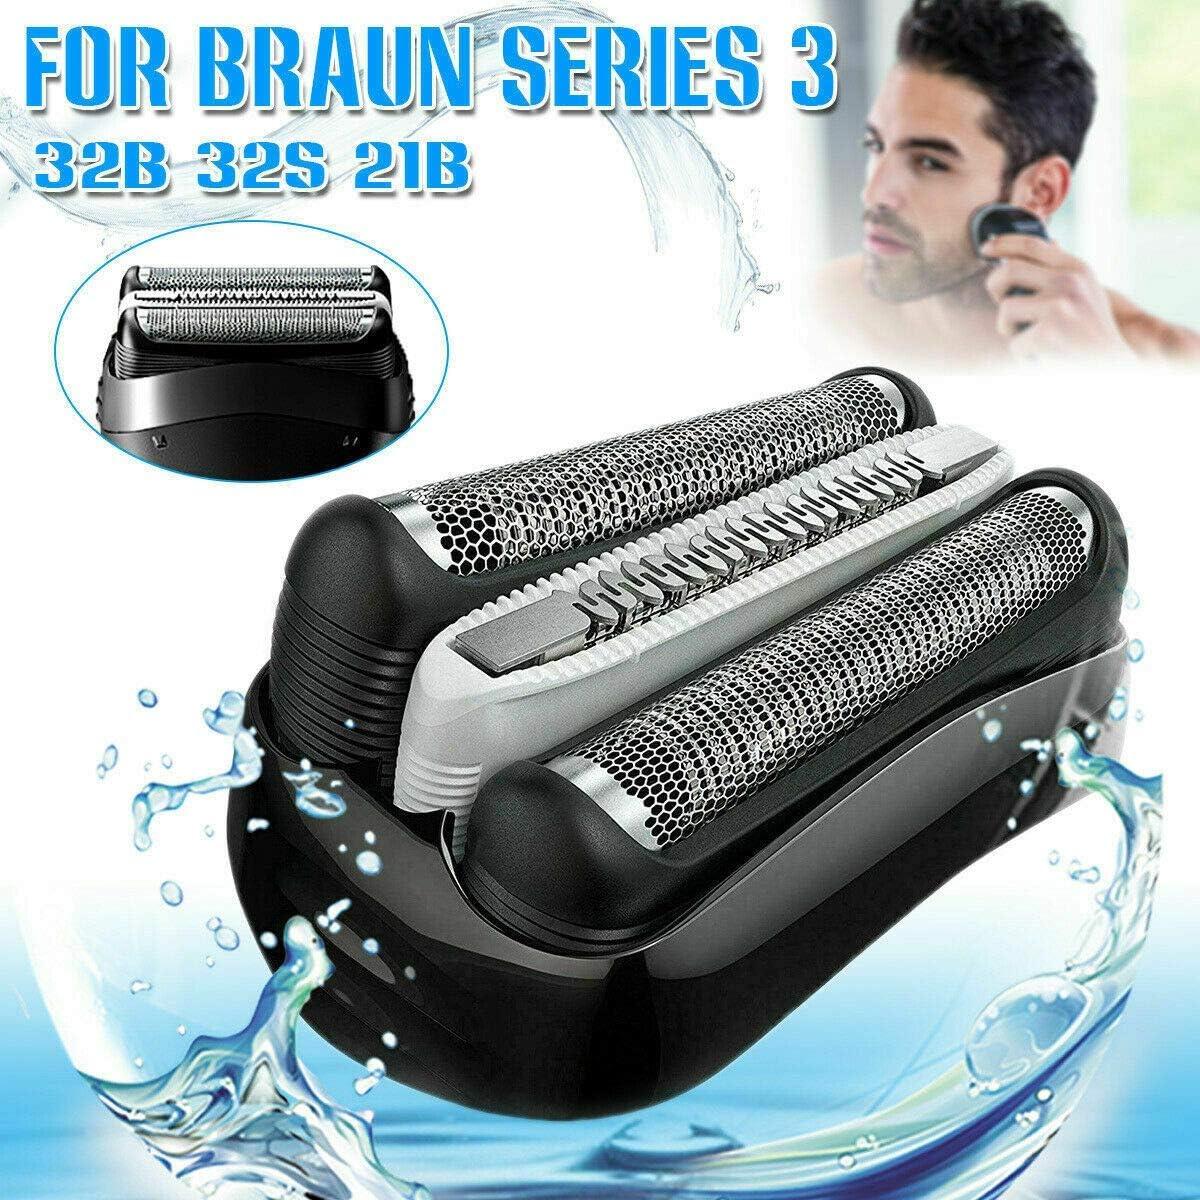 21B - Pieza de repuesto para afeitadora Braun, compatible con la serie 3 de cabezal de casete de cartucho de lámina de afeitadora, cabezal de repuesto para Braun 32B 32S 21B (negro):